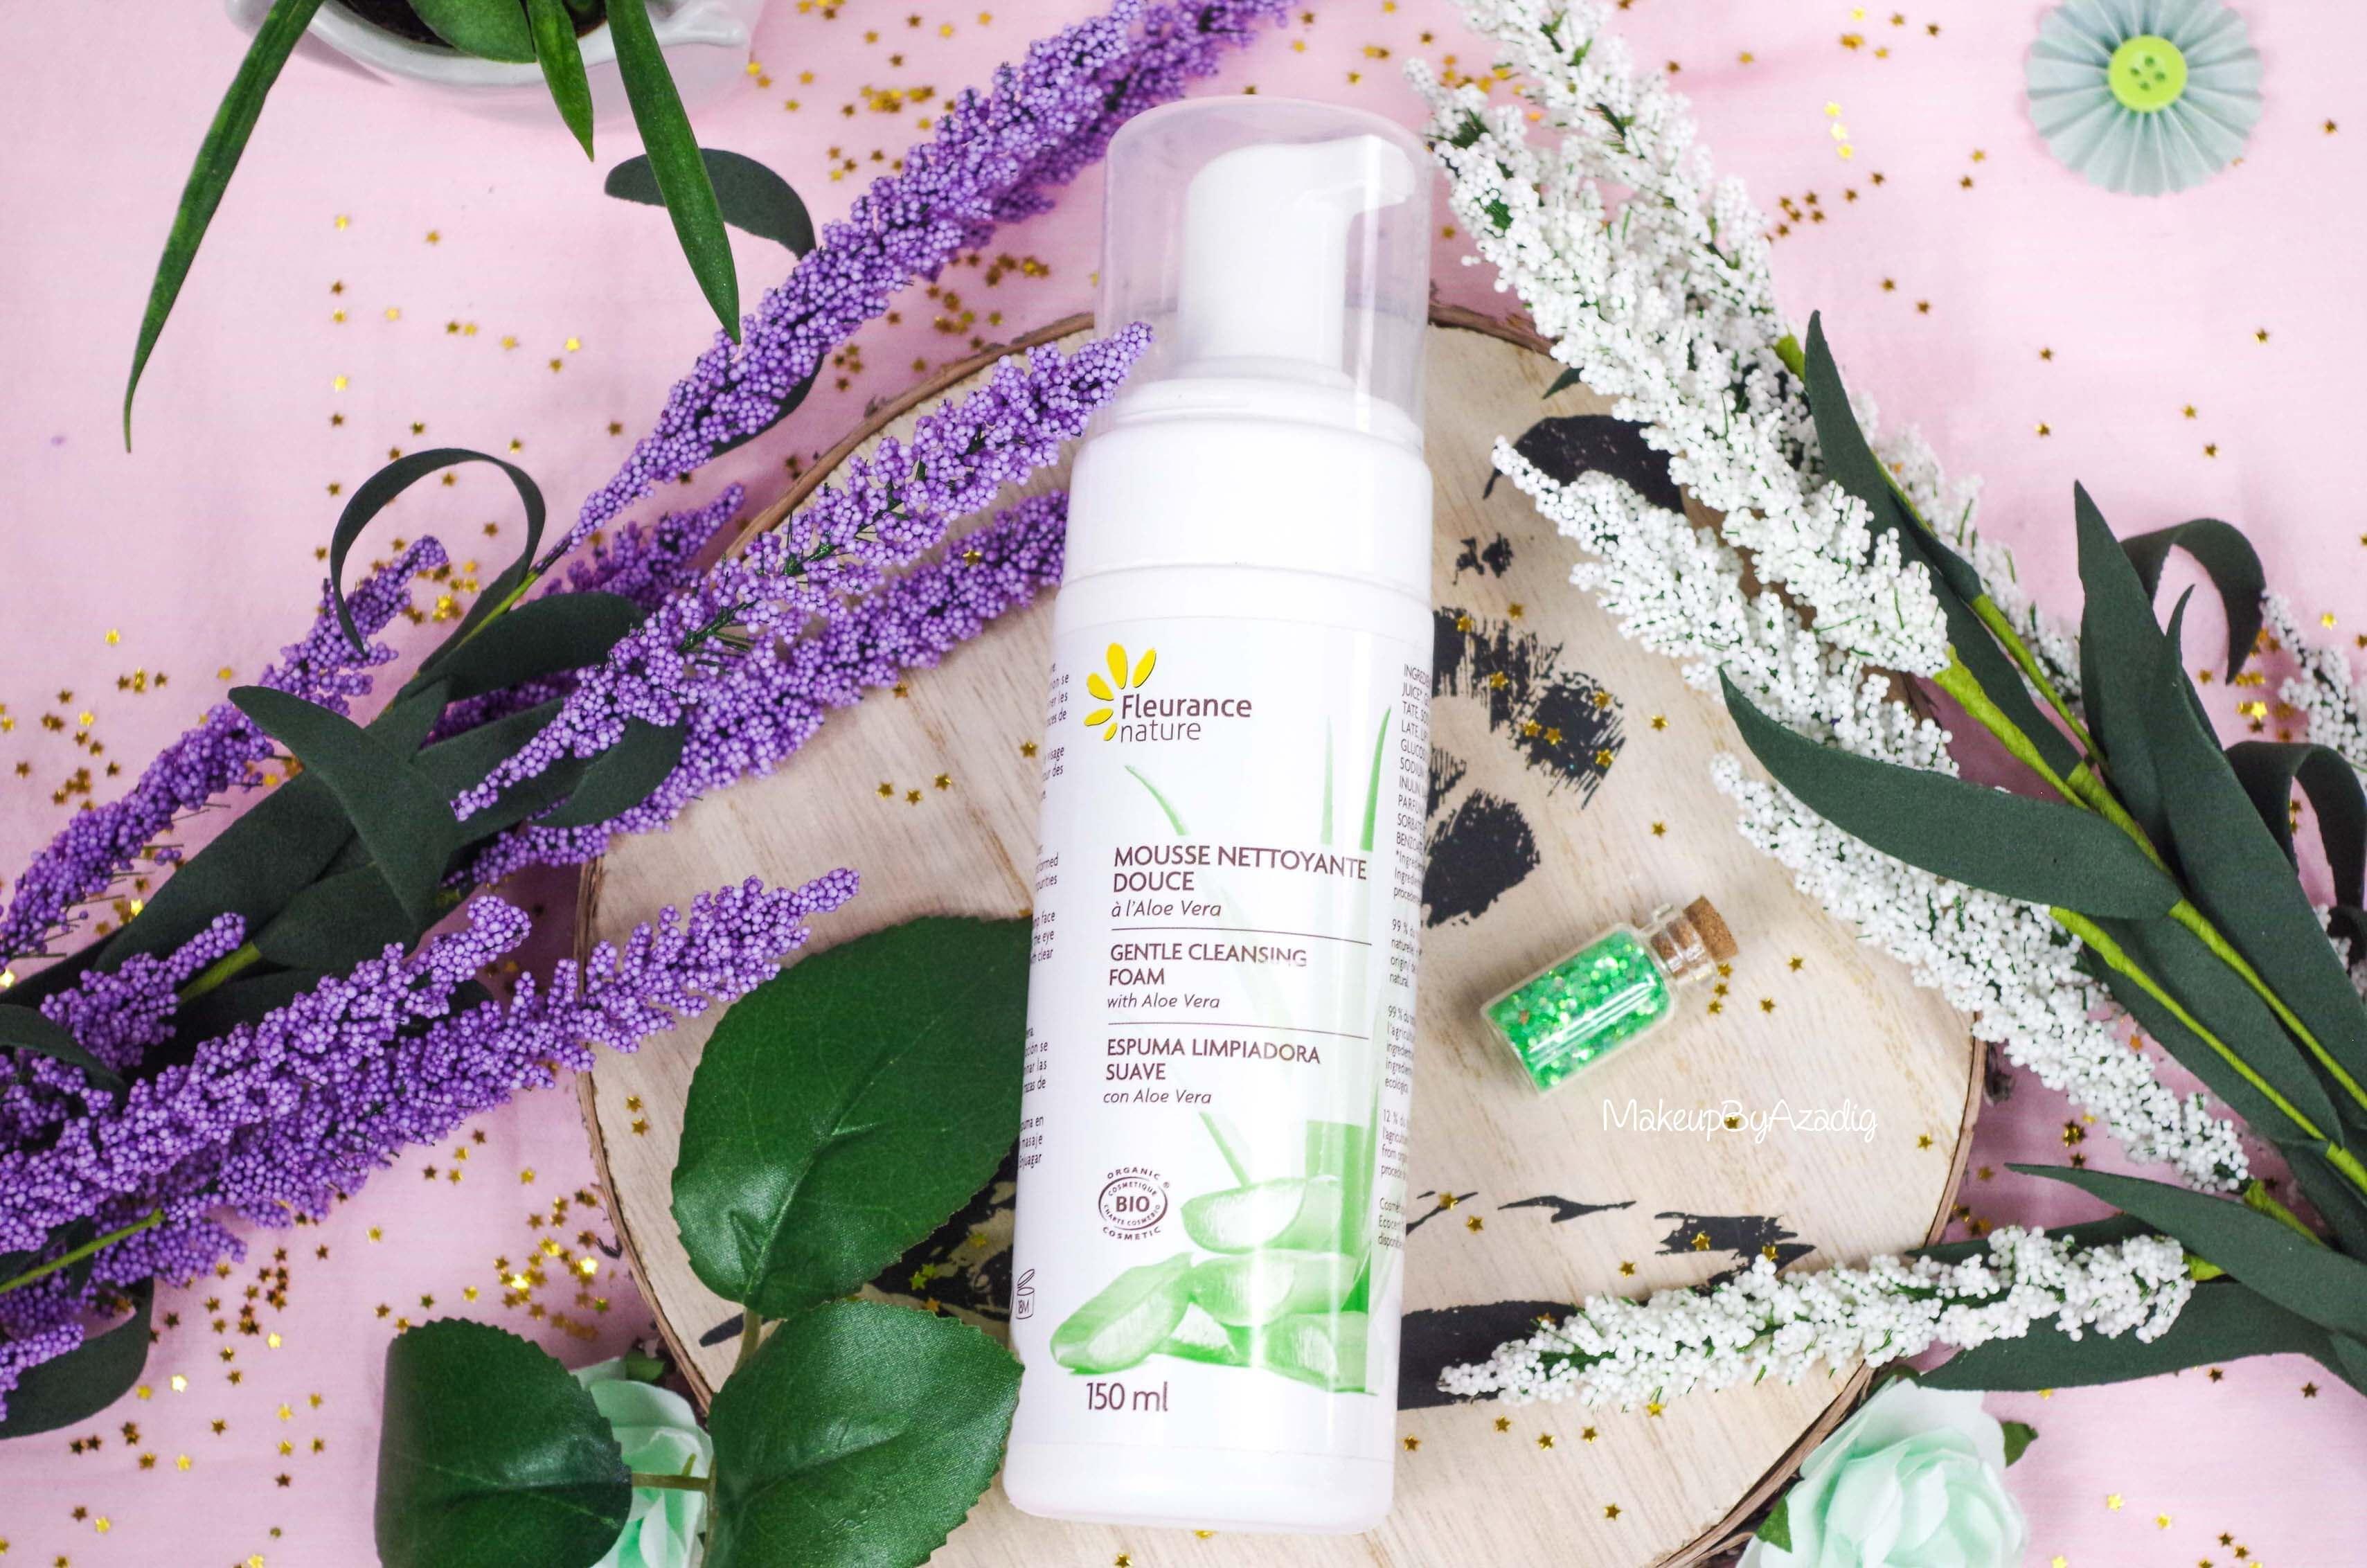 parapharmacie-revue-review-mousse-nettoyante-douce-fleurance-nature-partenariat-soin-bio-makeupbyazadig-avis-prix-influencer